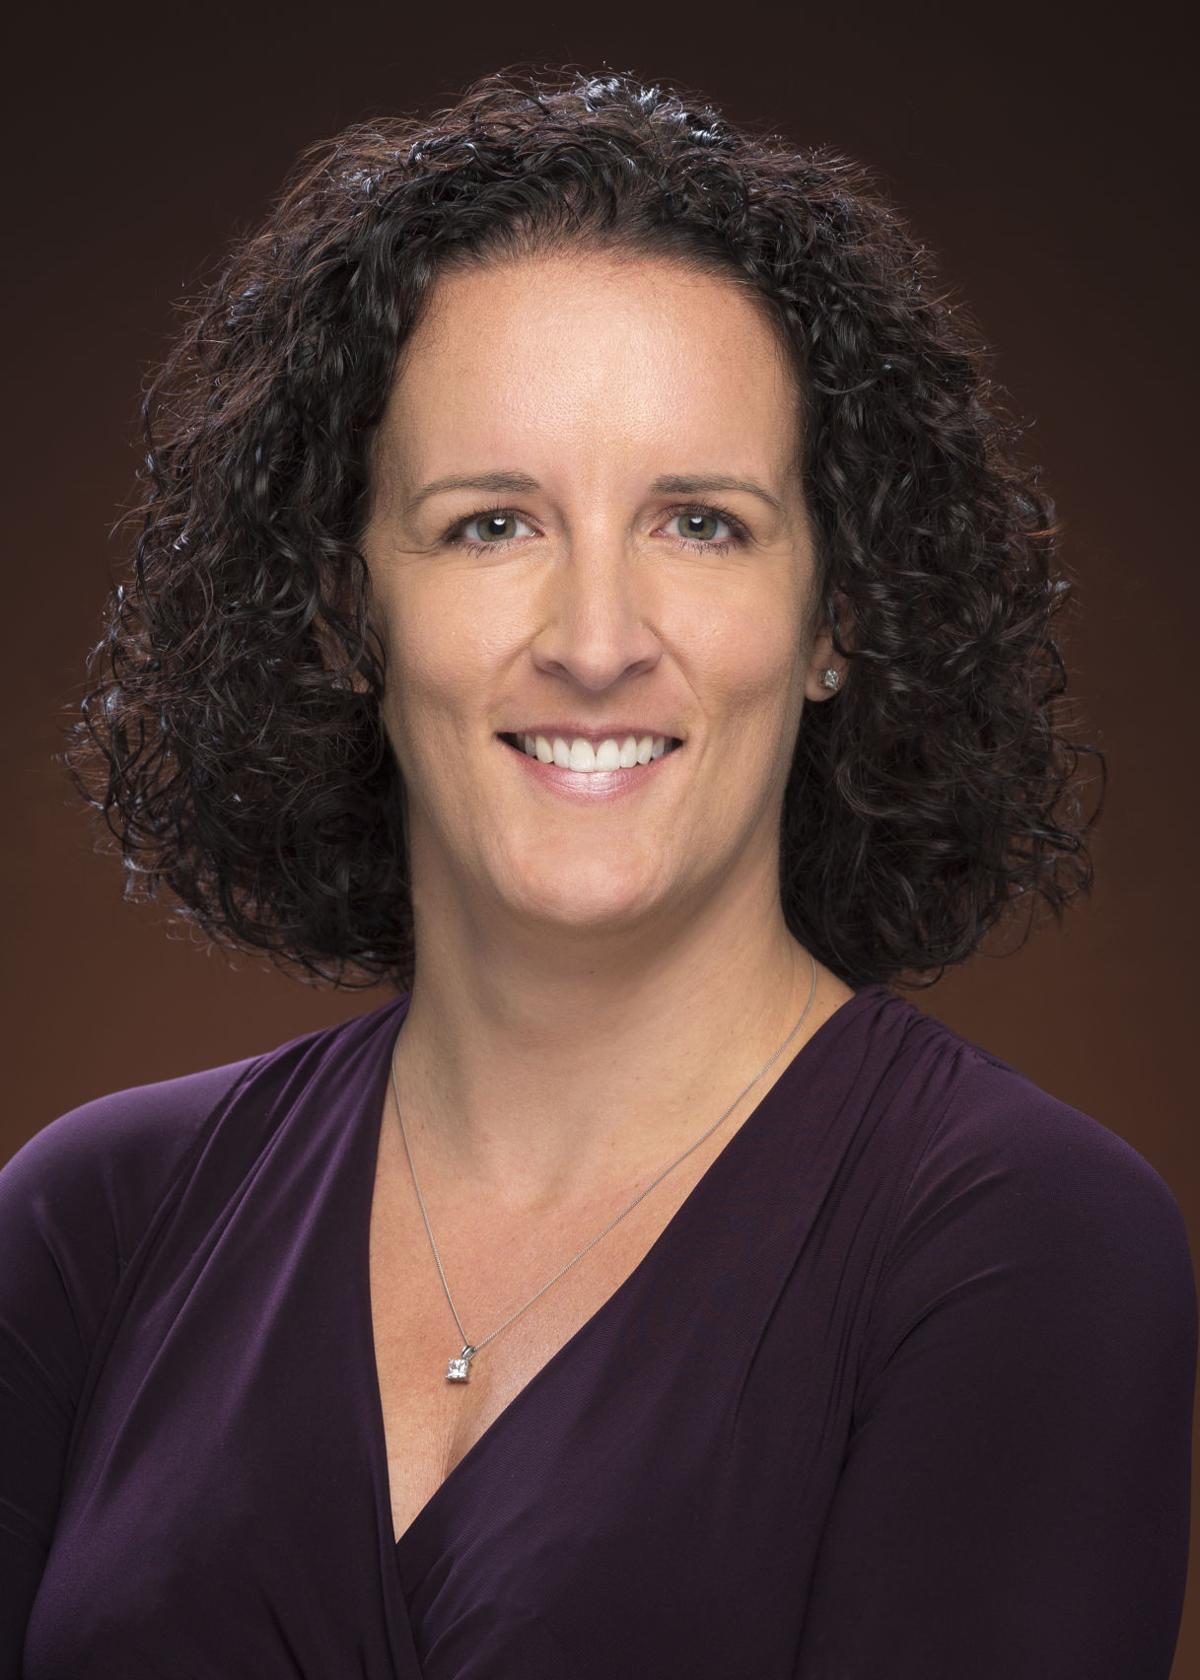 Kelly Schramski